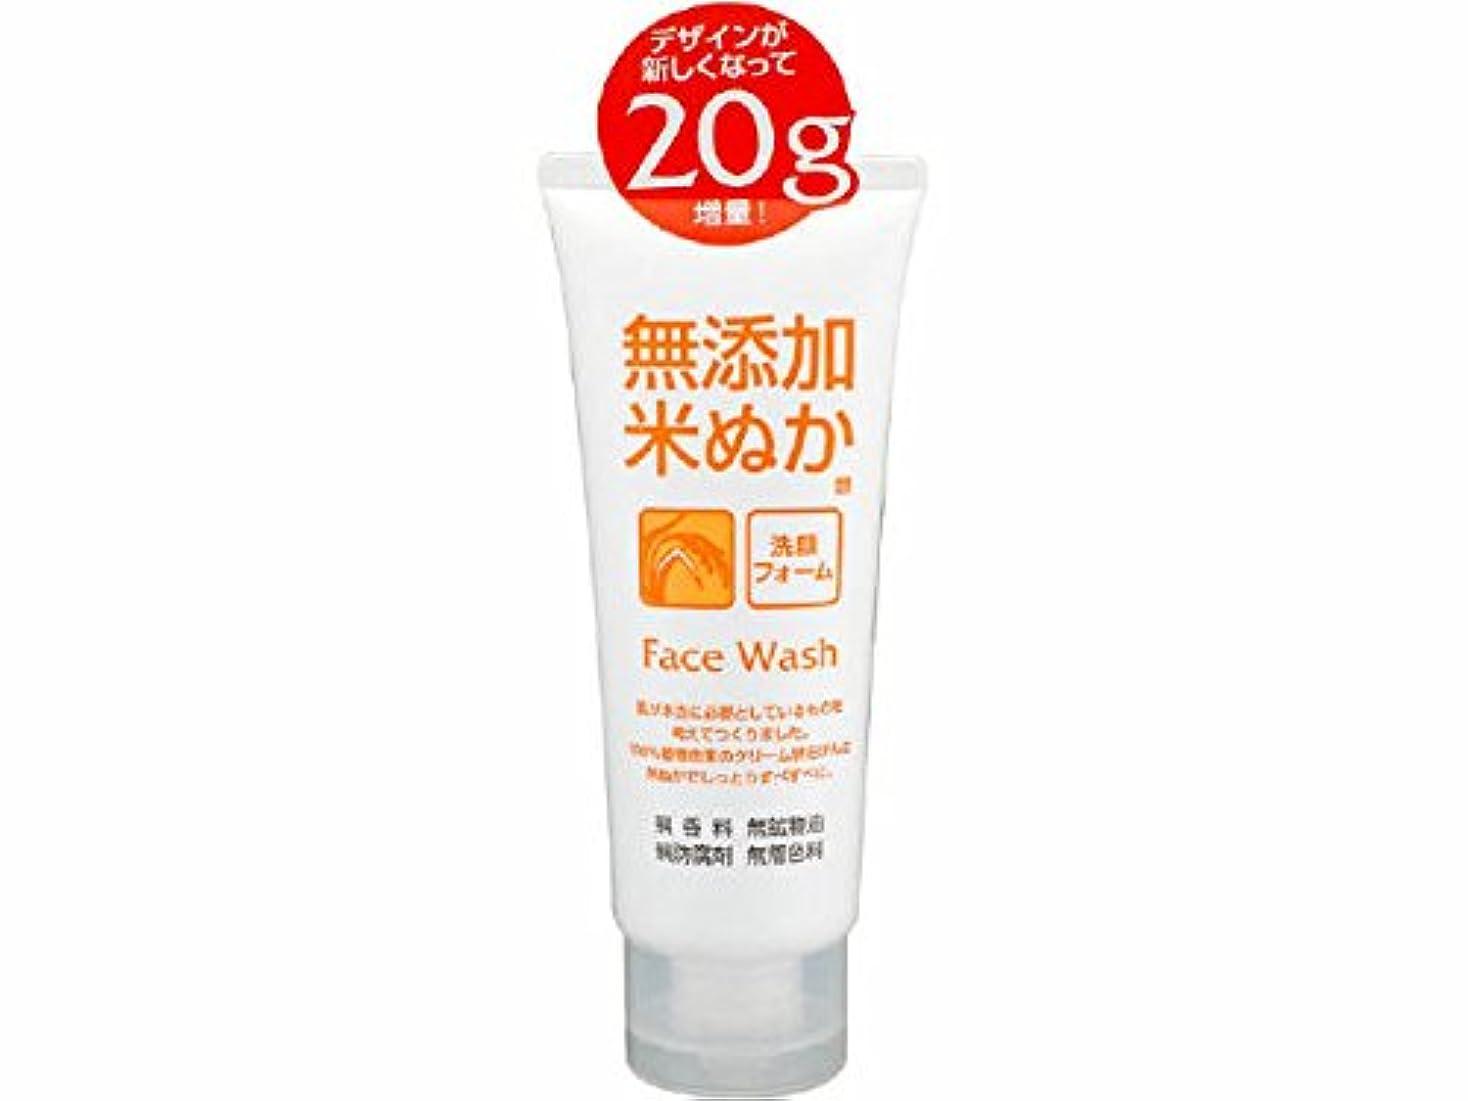 約思春期の正規化ロゼット(ROSETTE) 無添加米ぬか 洗顔フォーム 140g 100%植物由来のクリーム状石けんに米ぬかエキスを配合した洗顔フォーム×48点セット (4901696534069)